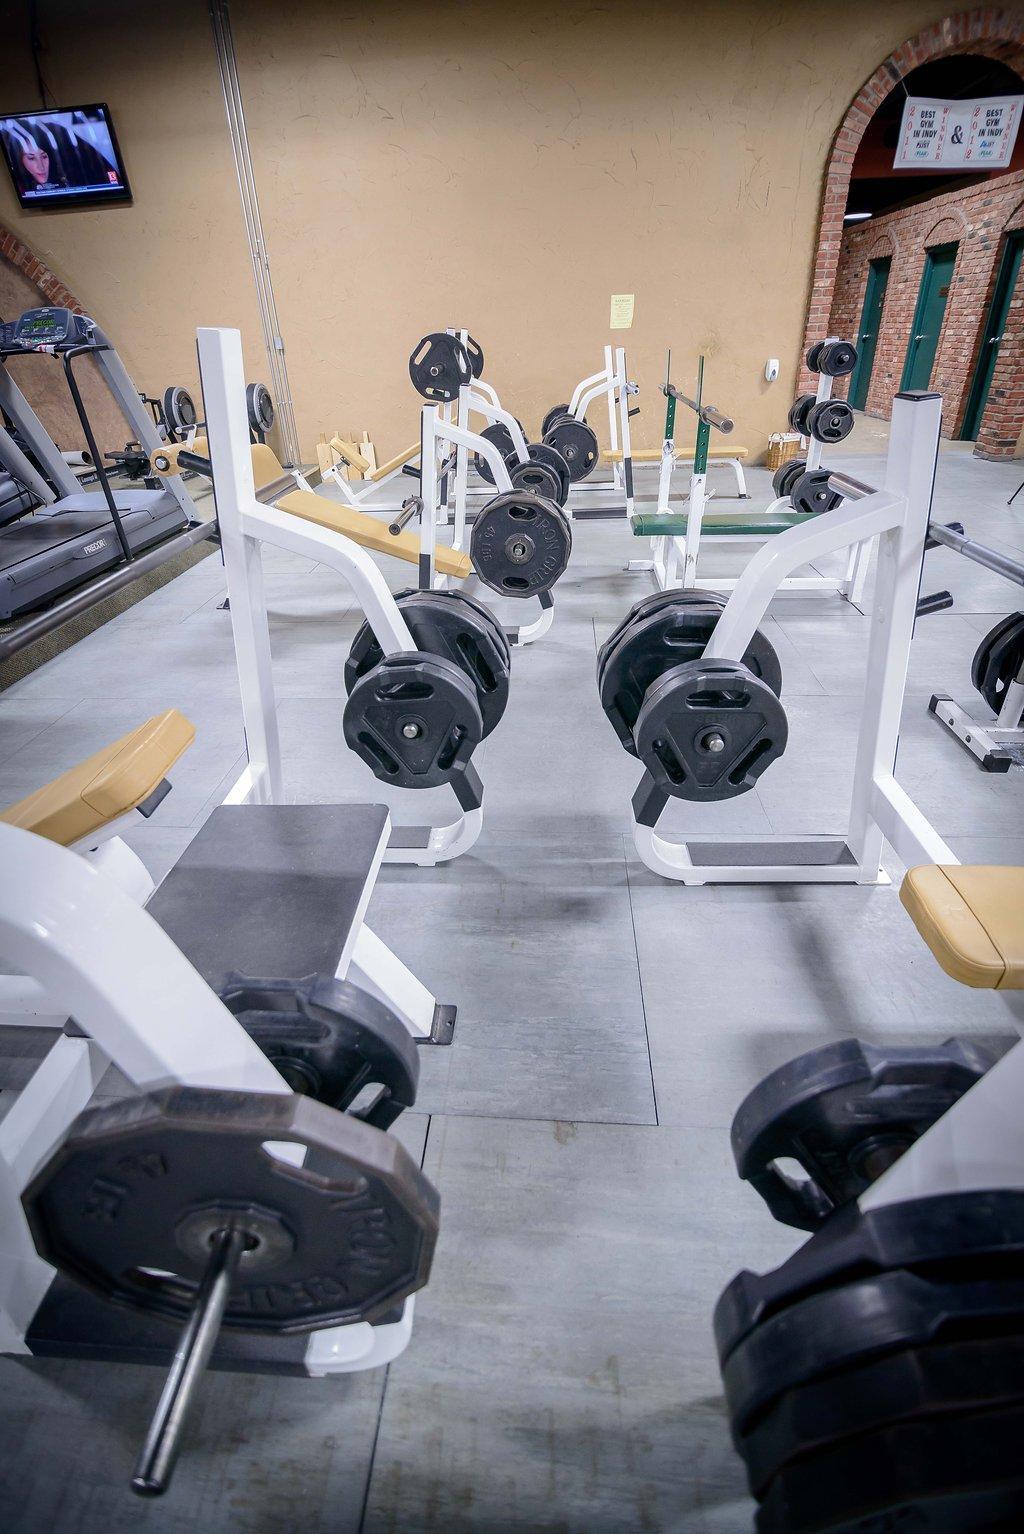 Peak Performance Fitness image 3